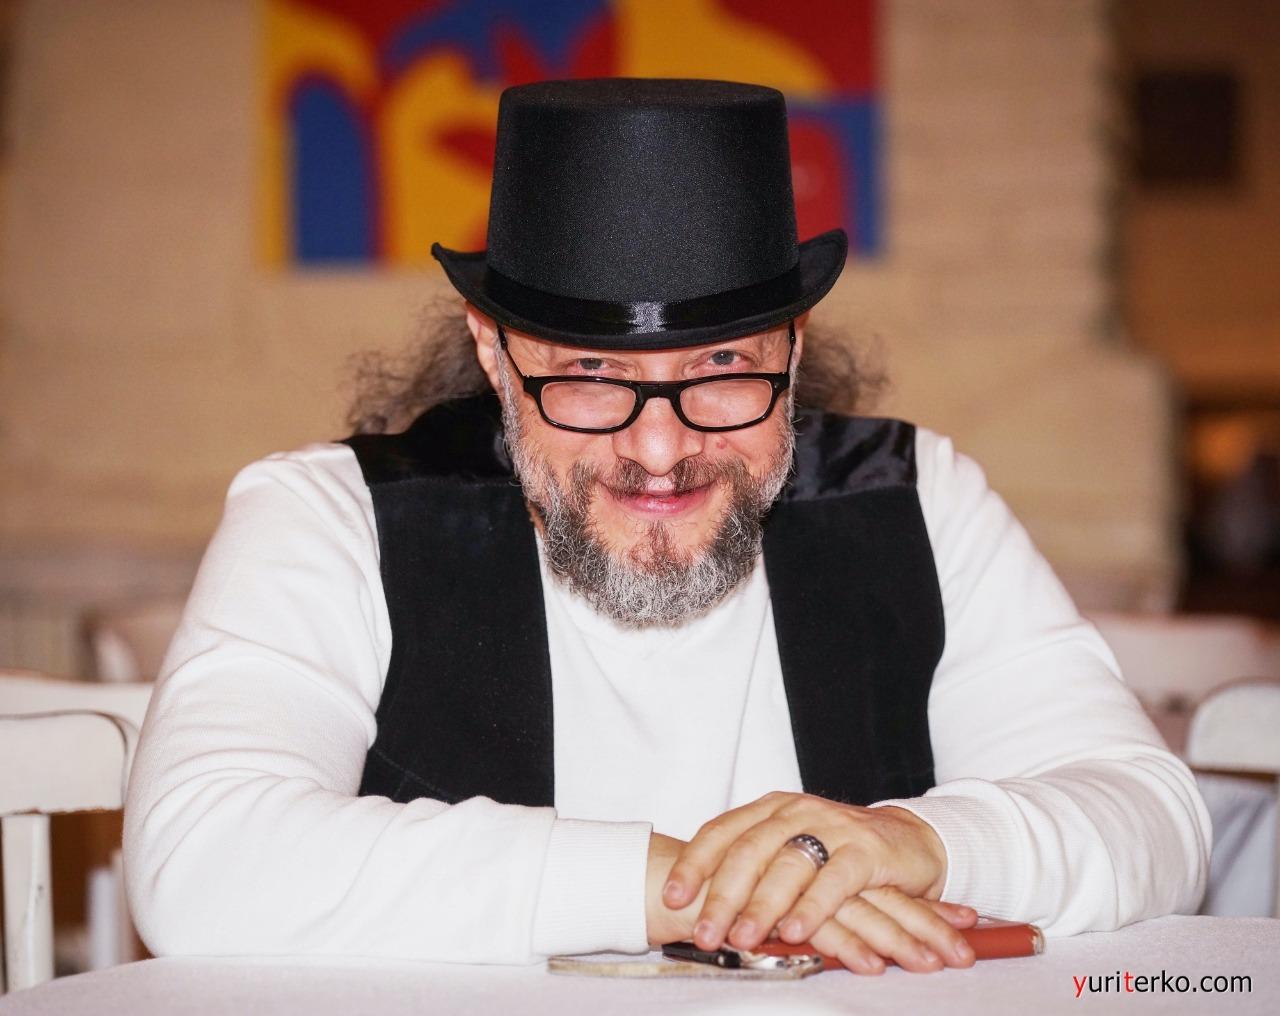 Александр Елин — Почётный член клуба Очень Деловые Люди